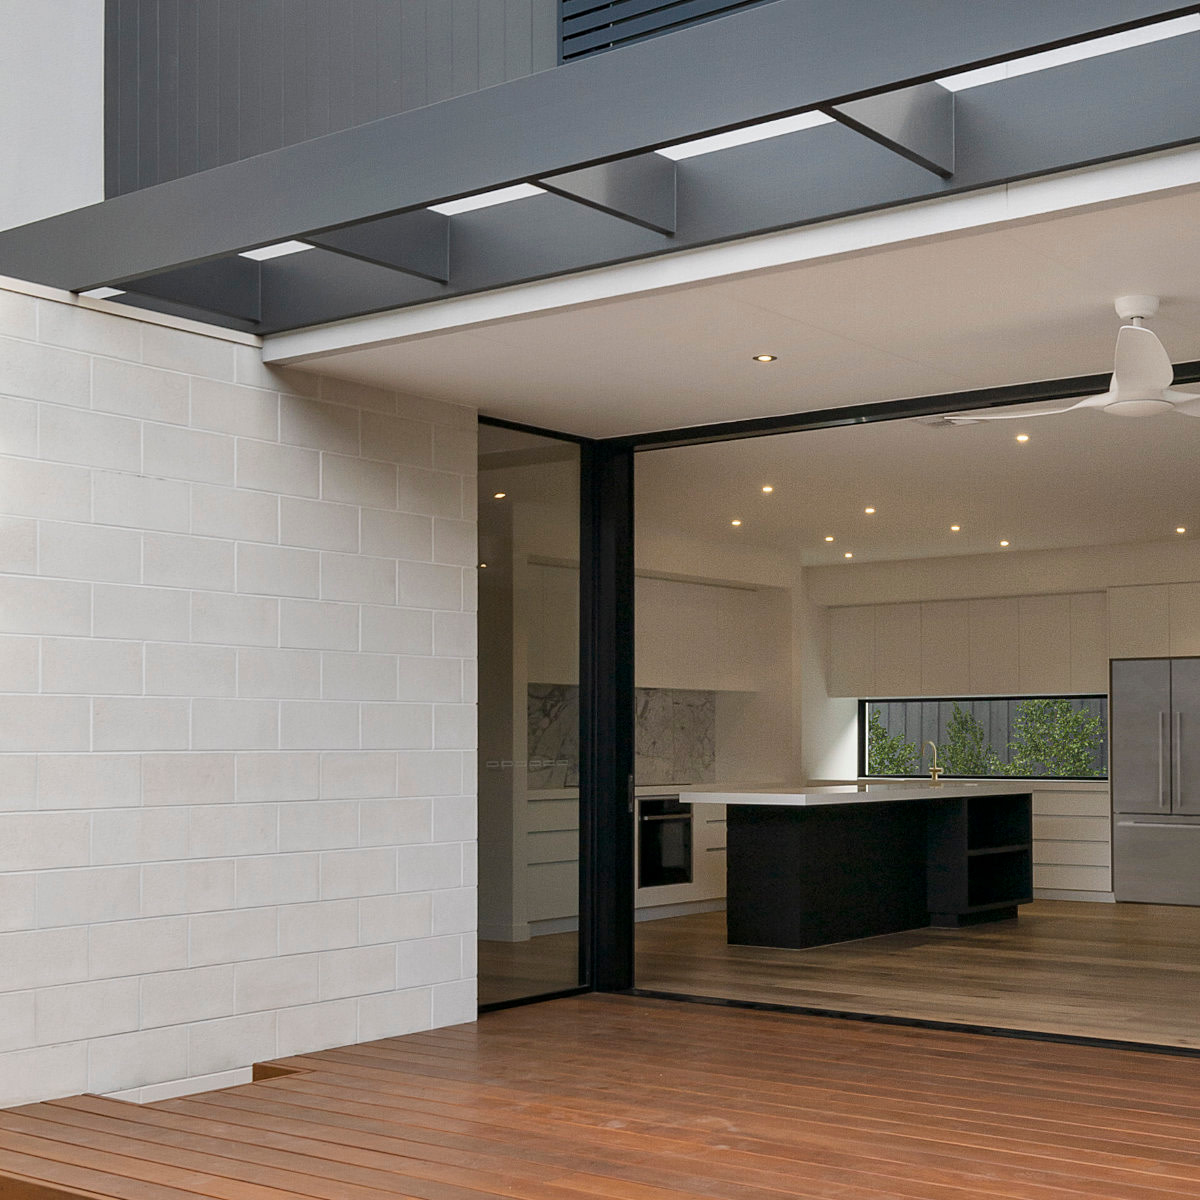 modern-house-exterior-H9H54VC-2.jpg